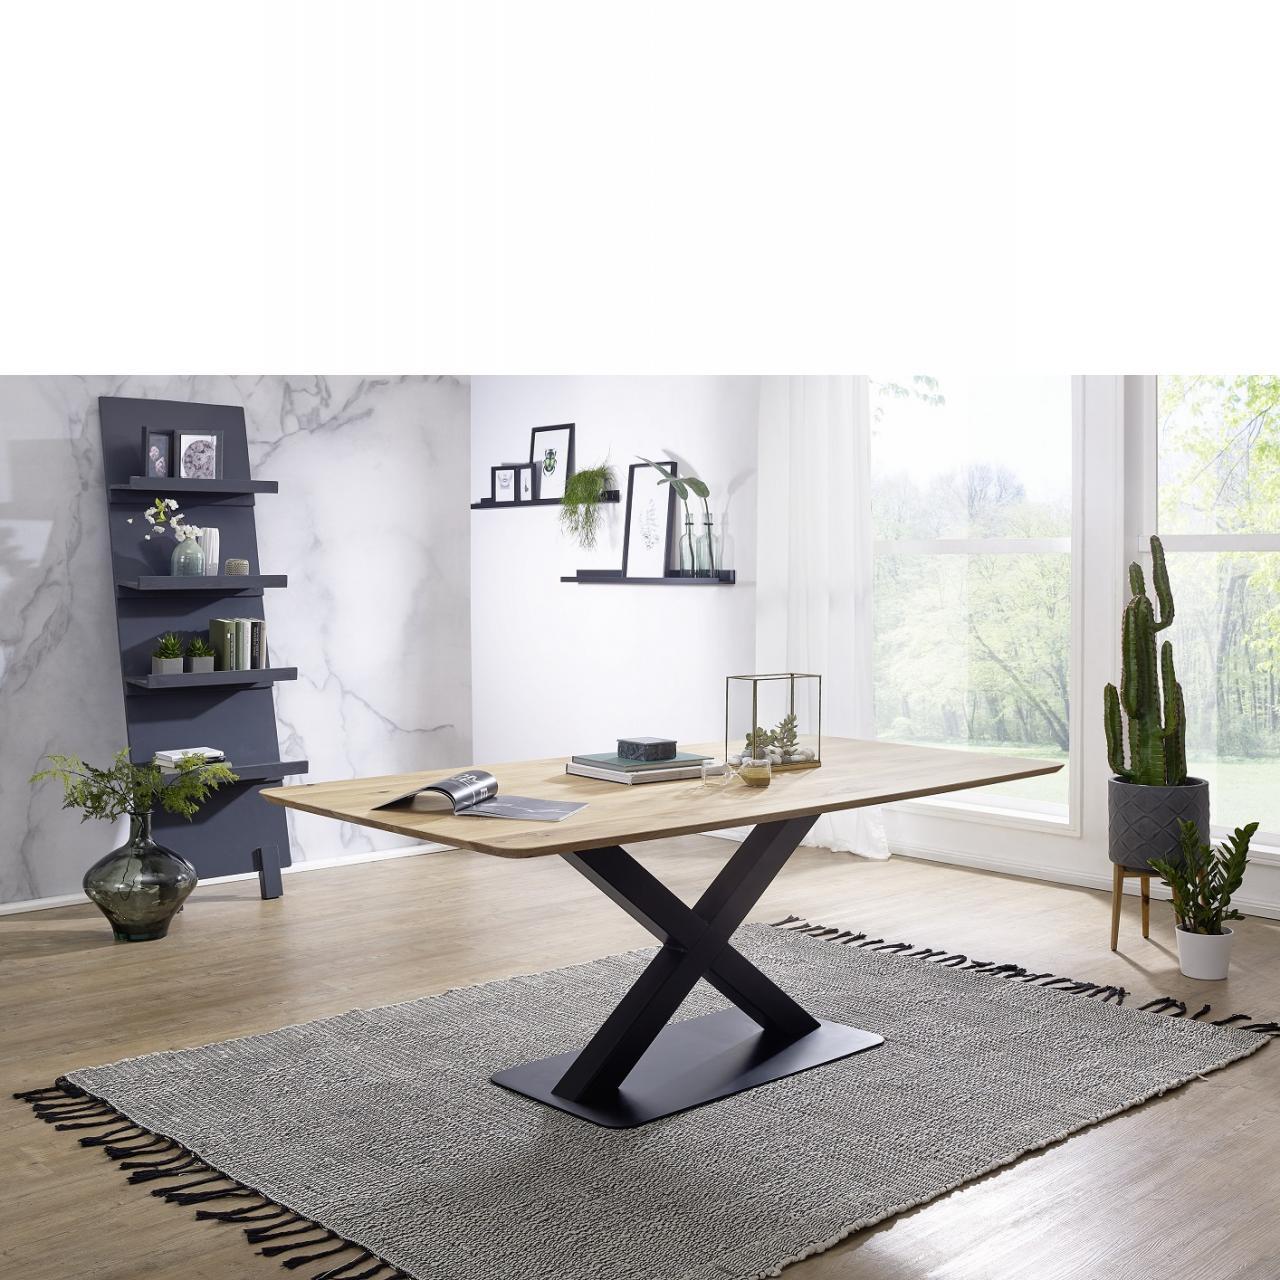 Esstisch TI-0540 Wildeiche Geölt Massiv 200x100 Küchentisch Metall Schwarz X-Fuß